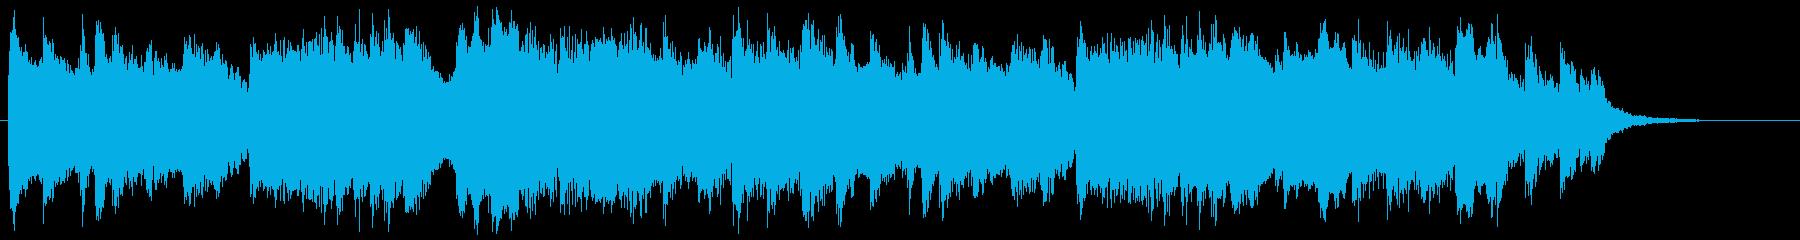 陽だまりと子犬のワルツの再生済みの波形